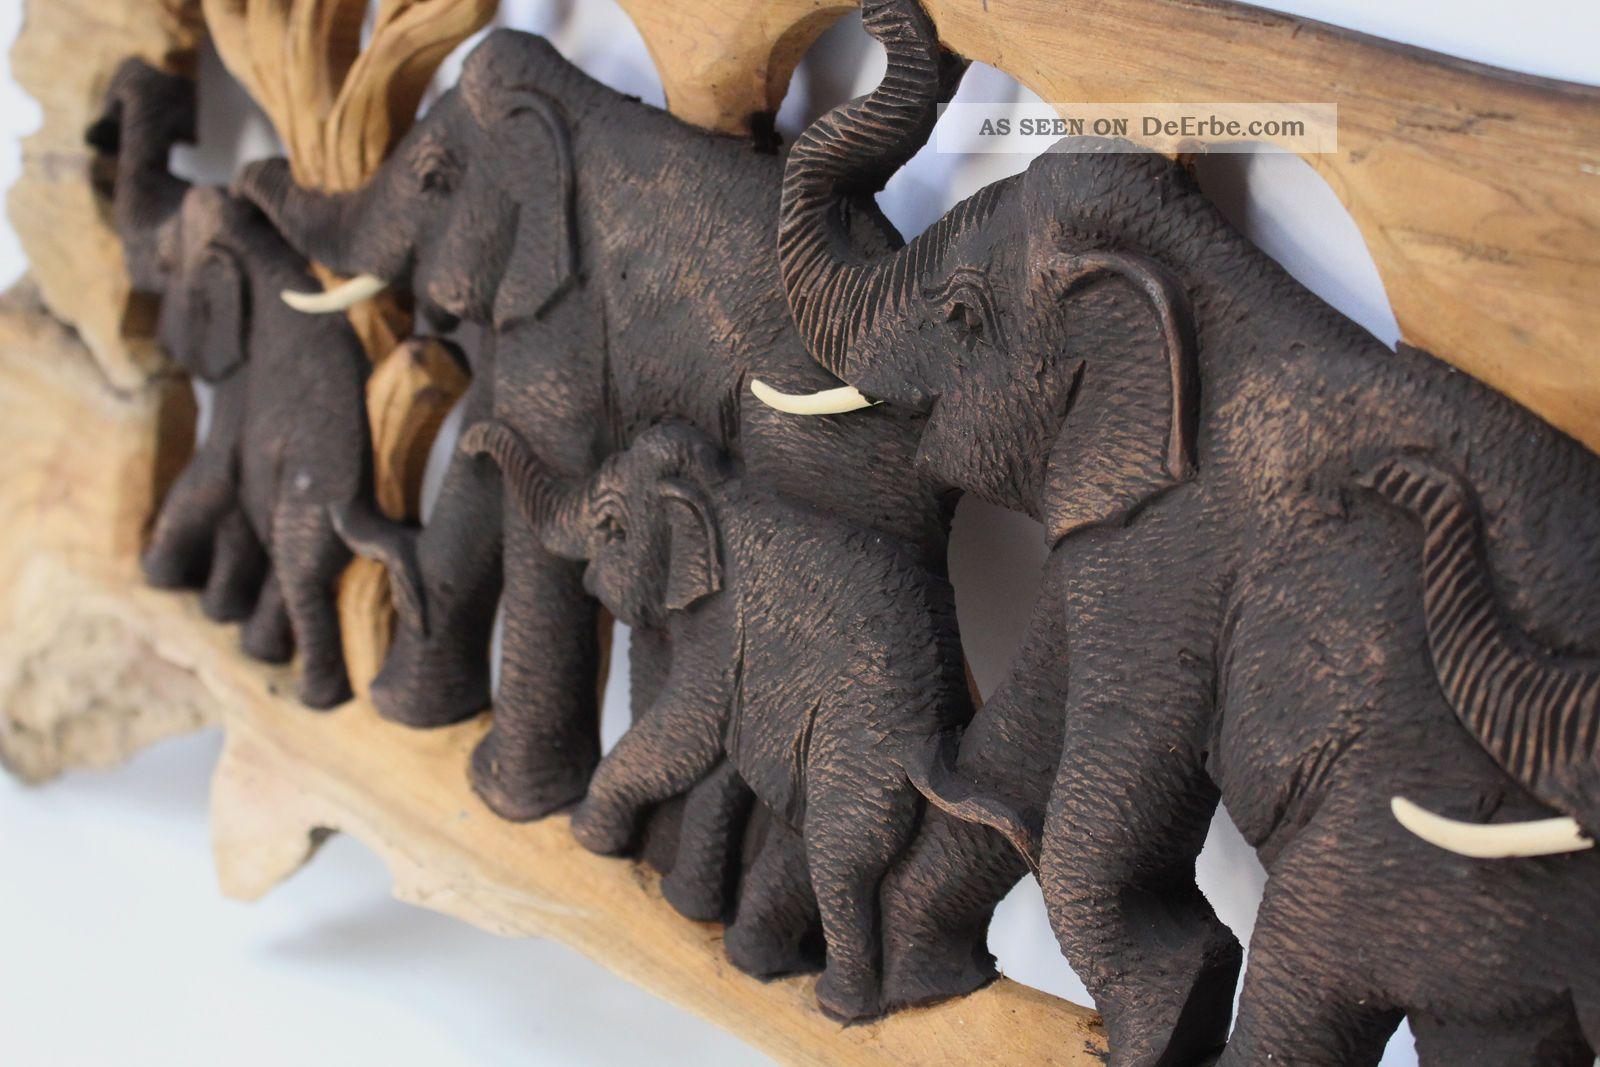 elefantenfamilie elefant holz baumstamm wandbild relief skulptur 97cm nr 9. Black Bedroom Furniture Sets. Home Design Ideas